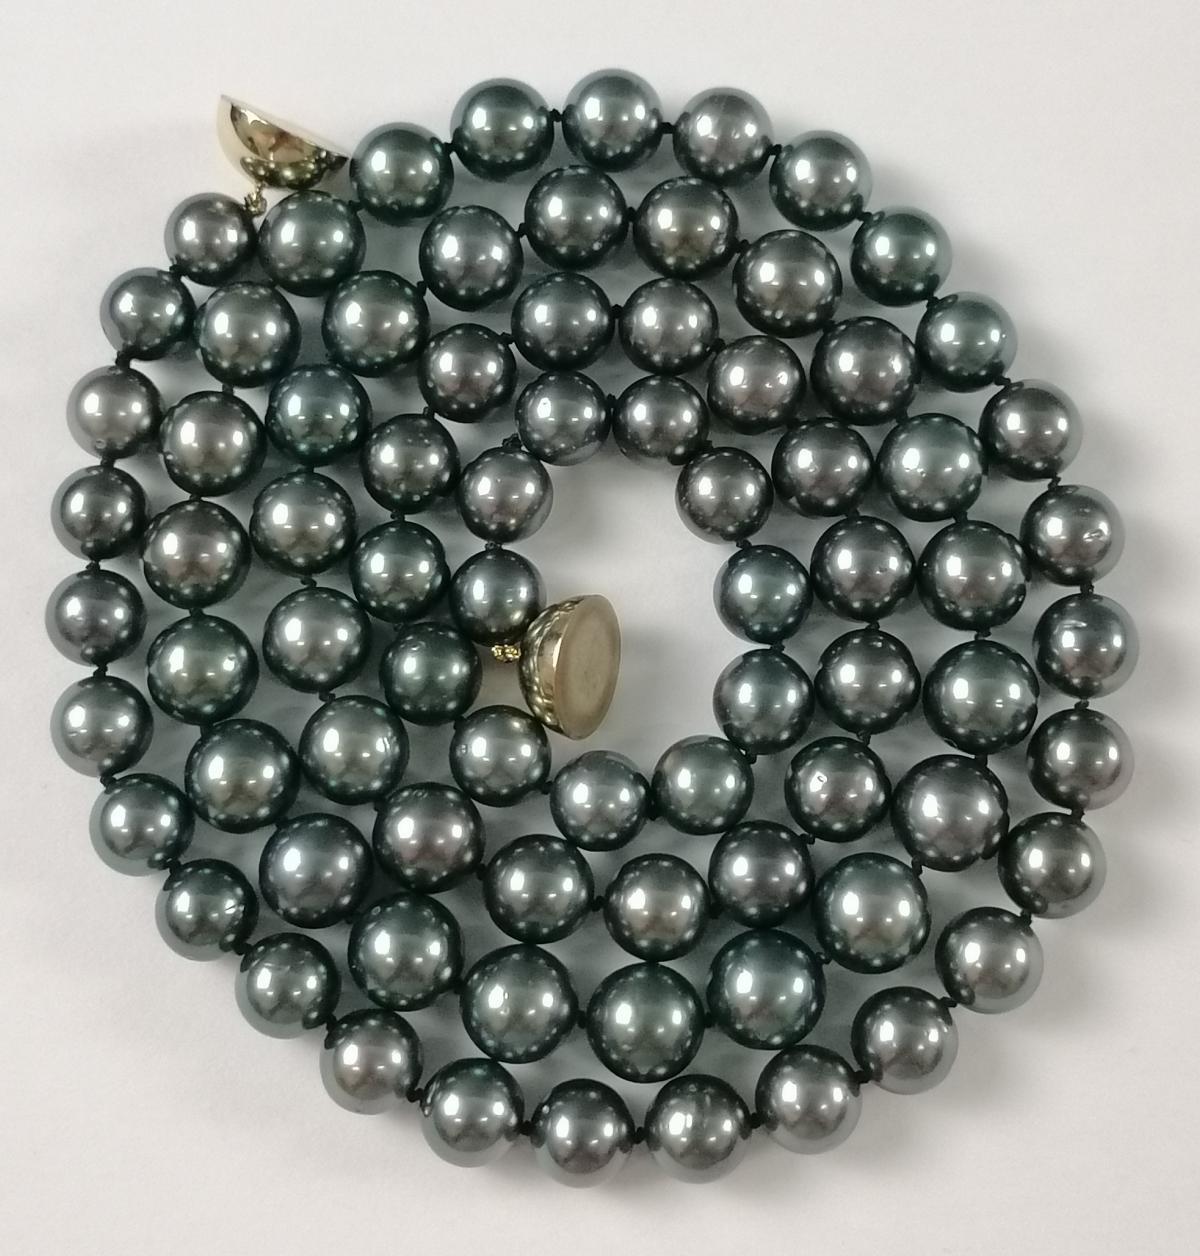 Halskette aus Tahitiperlen mit 14 Karat Gelbgold-Magnetverschluss-2